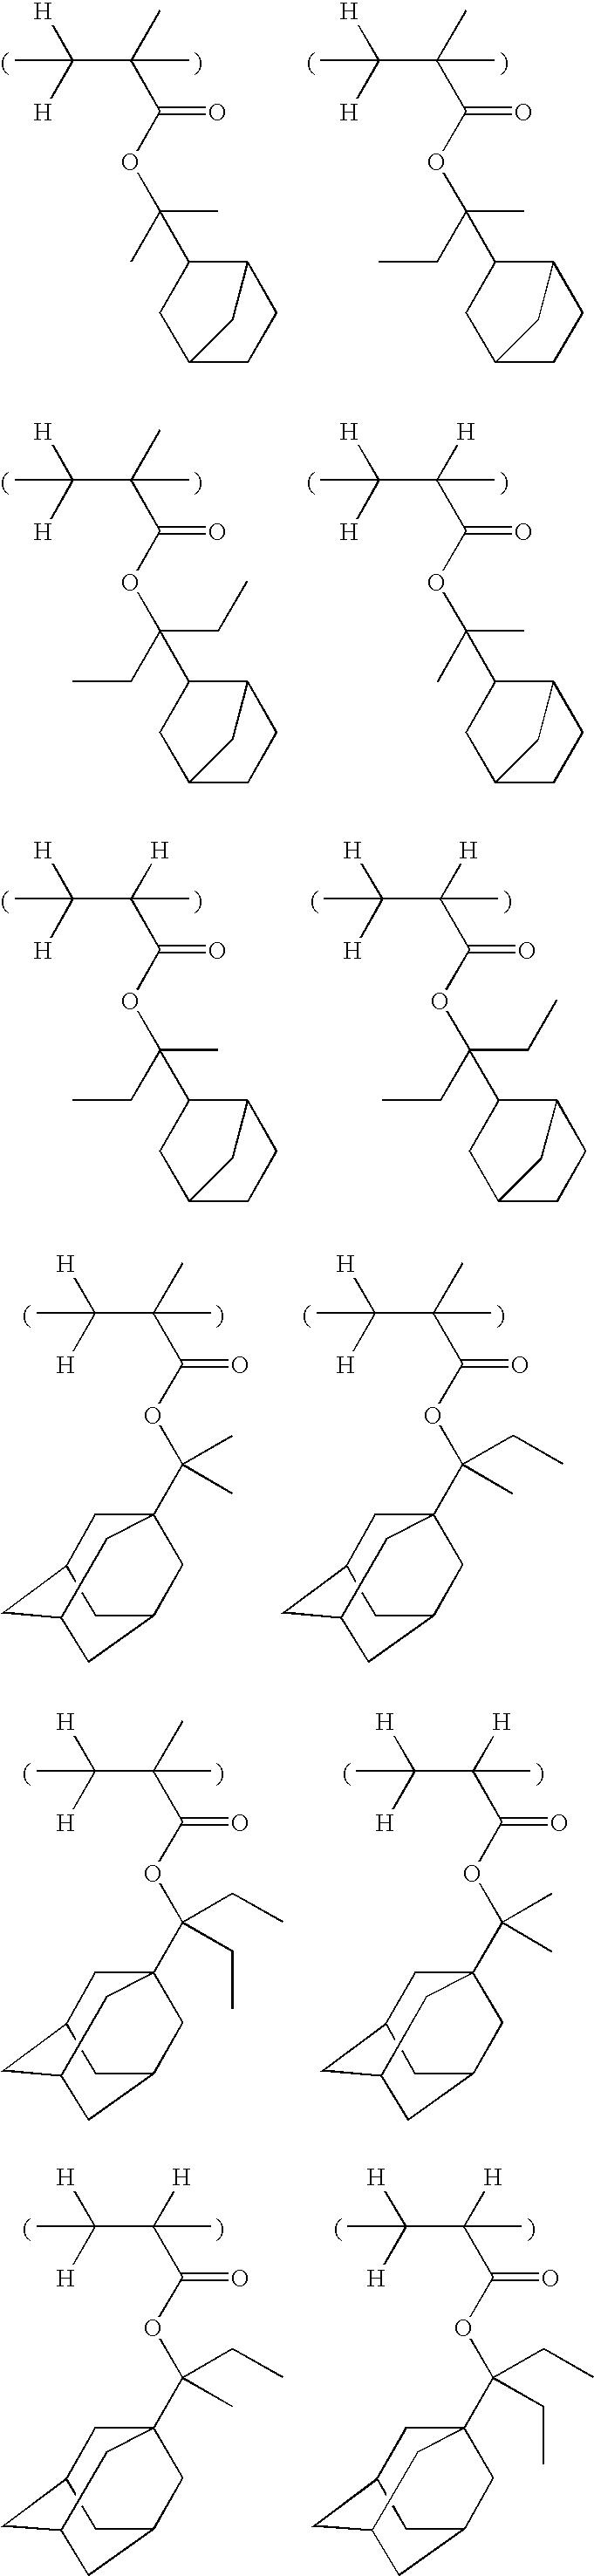 Figure US20070231738A1-20071004-C00044